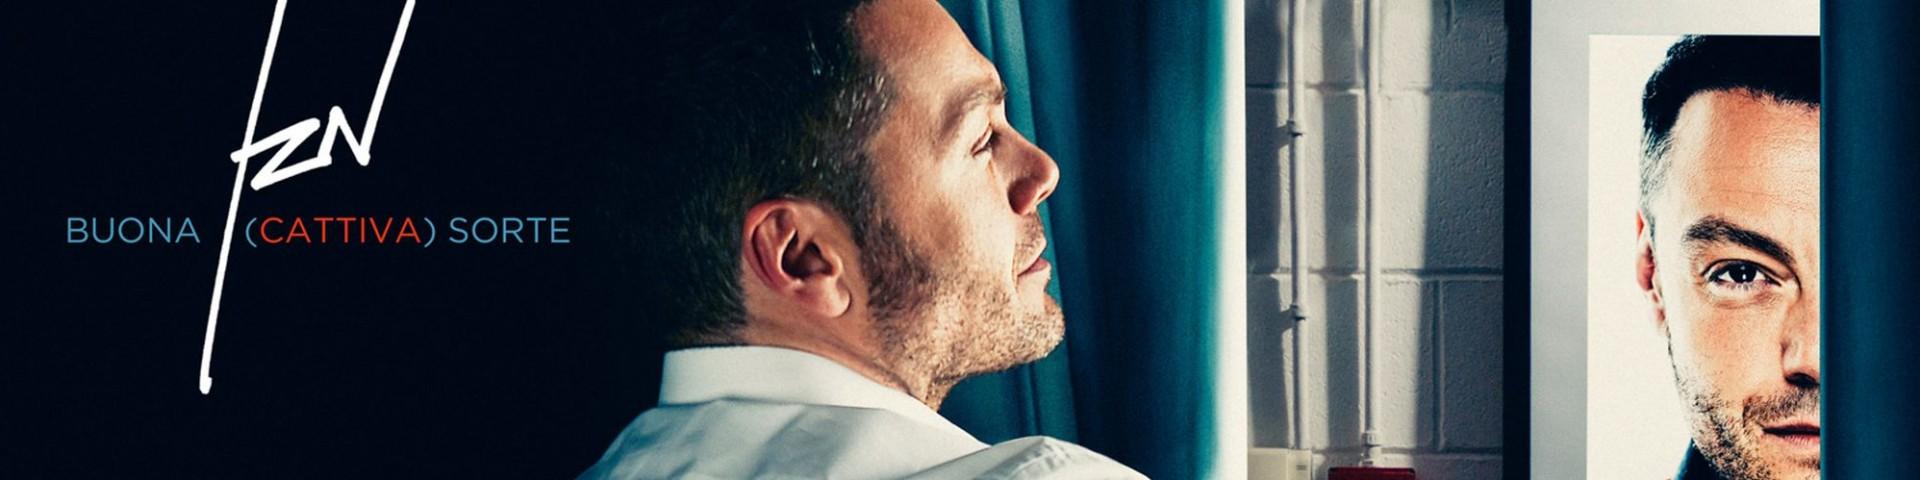 Tiziano Ferro: annunciati tracklist album e nuovo singolo